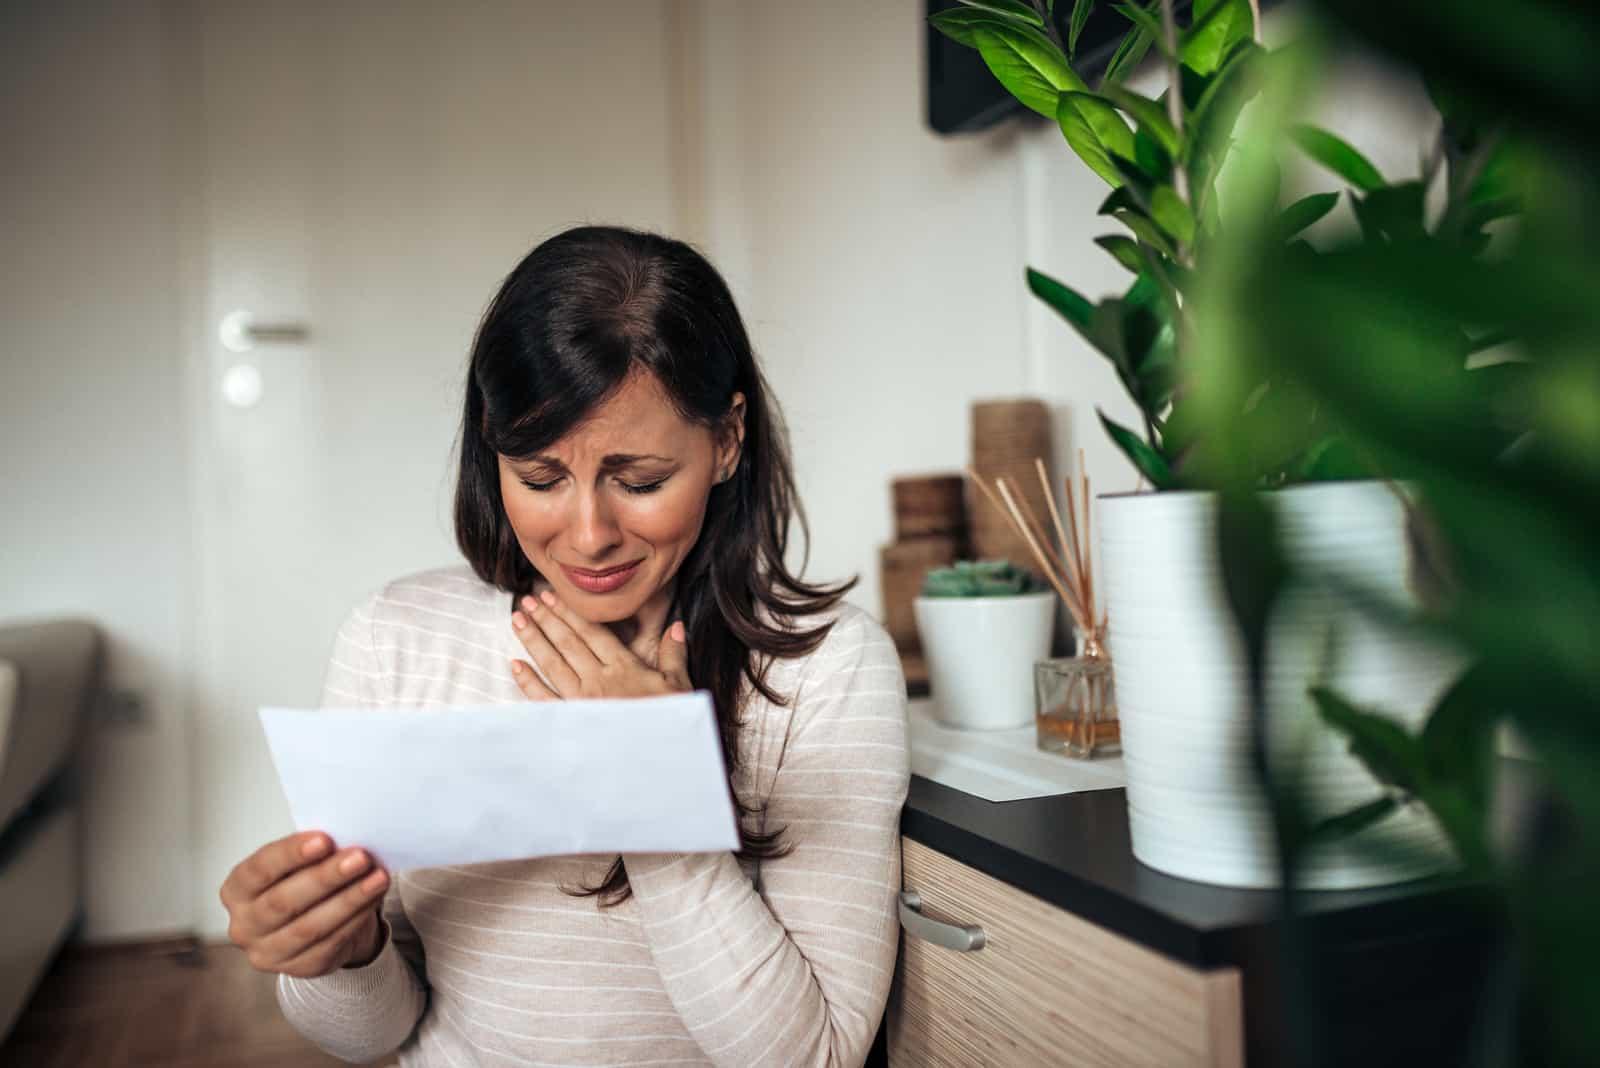 Die Frau liest den Brief und weint